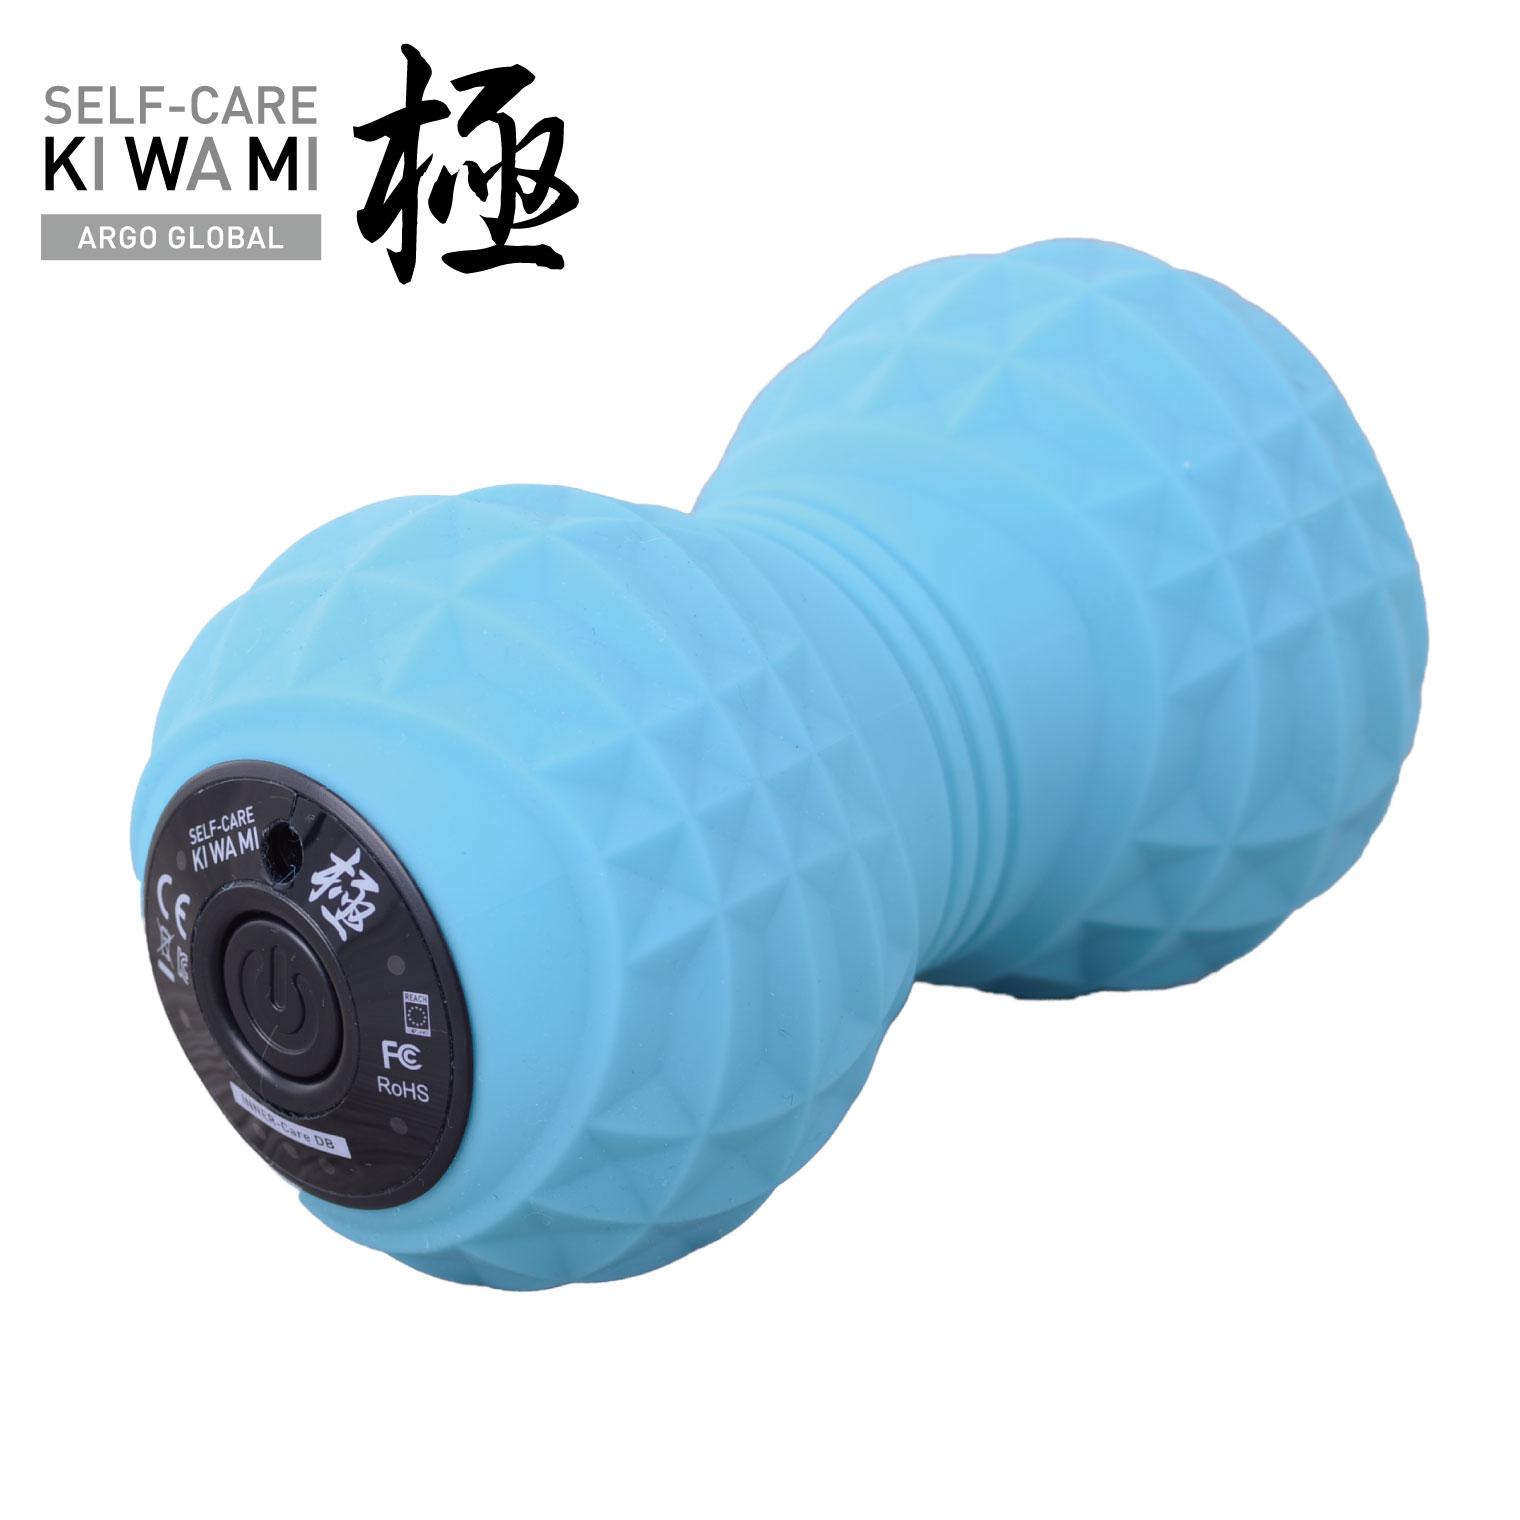 ストレッチダブルボール/マッサージボール《KIWAMI》